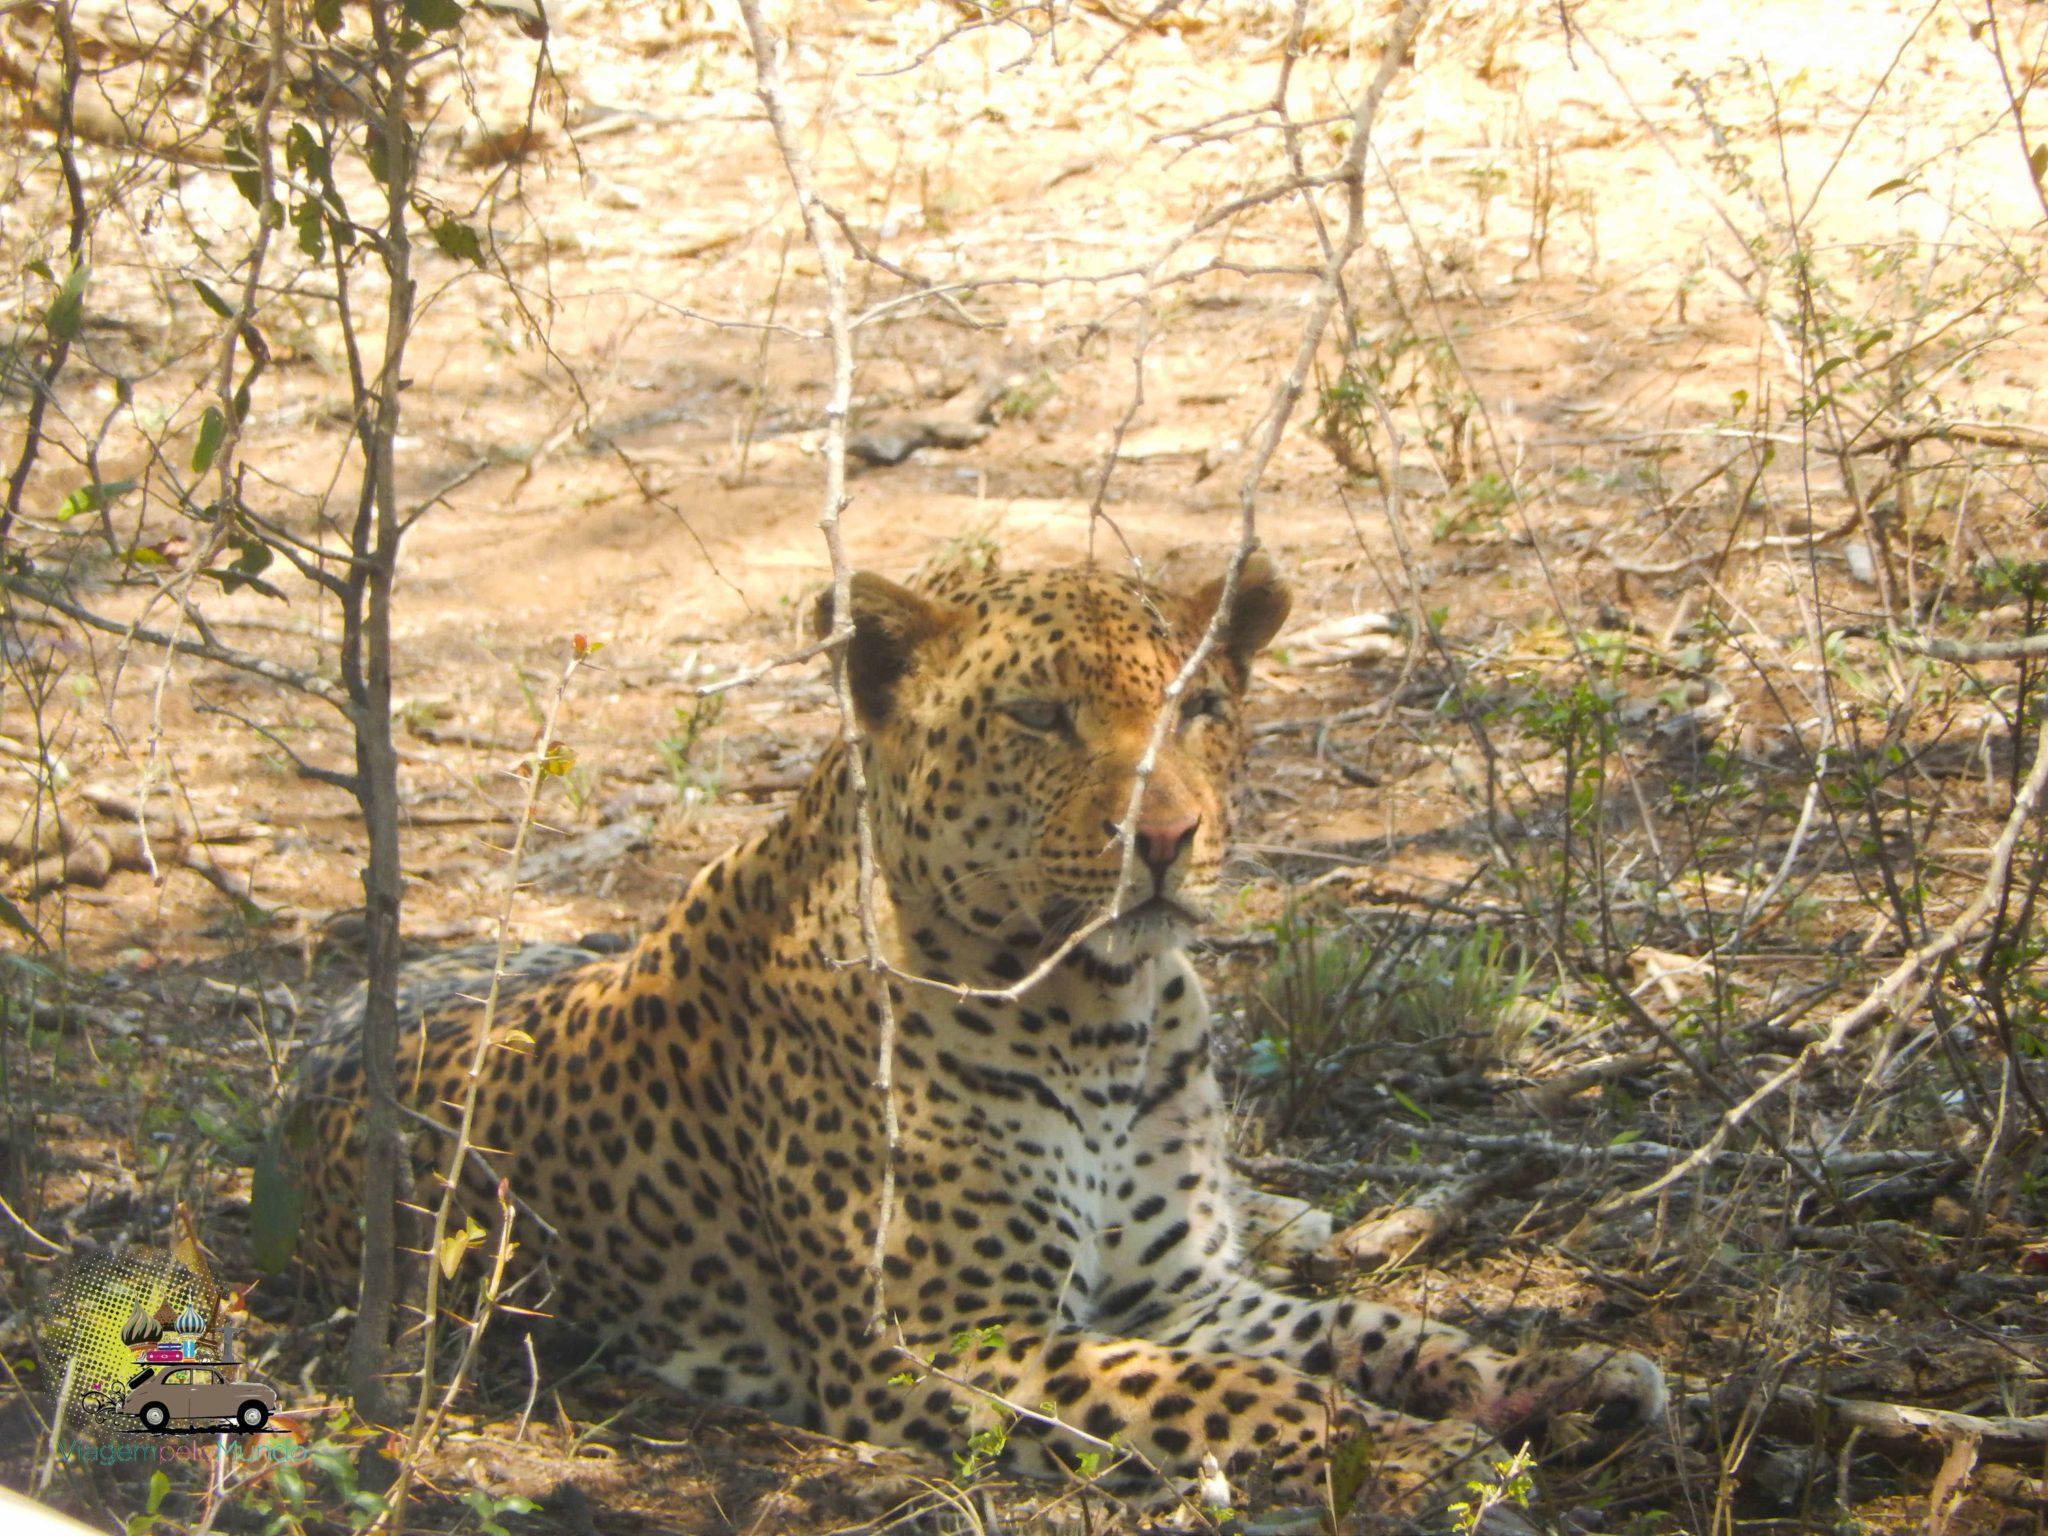 Kruger Park e o safári